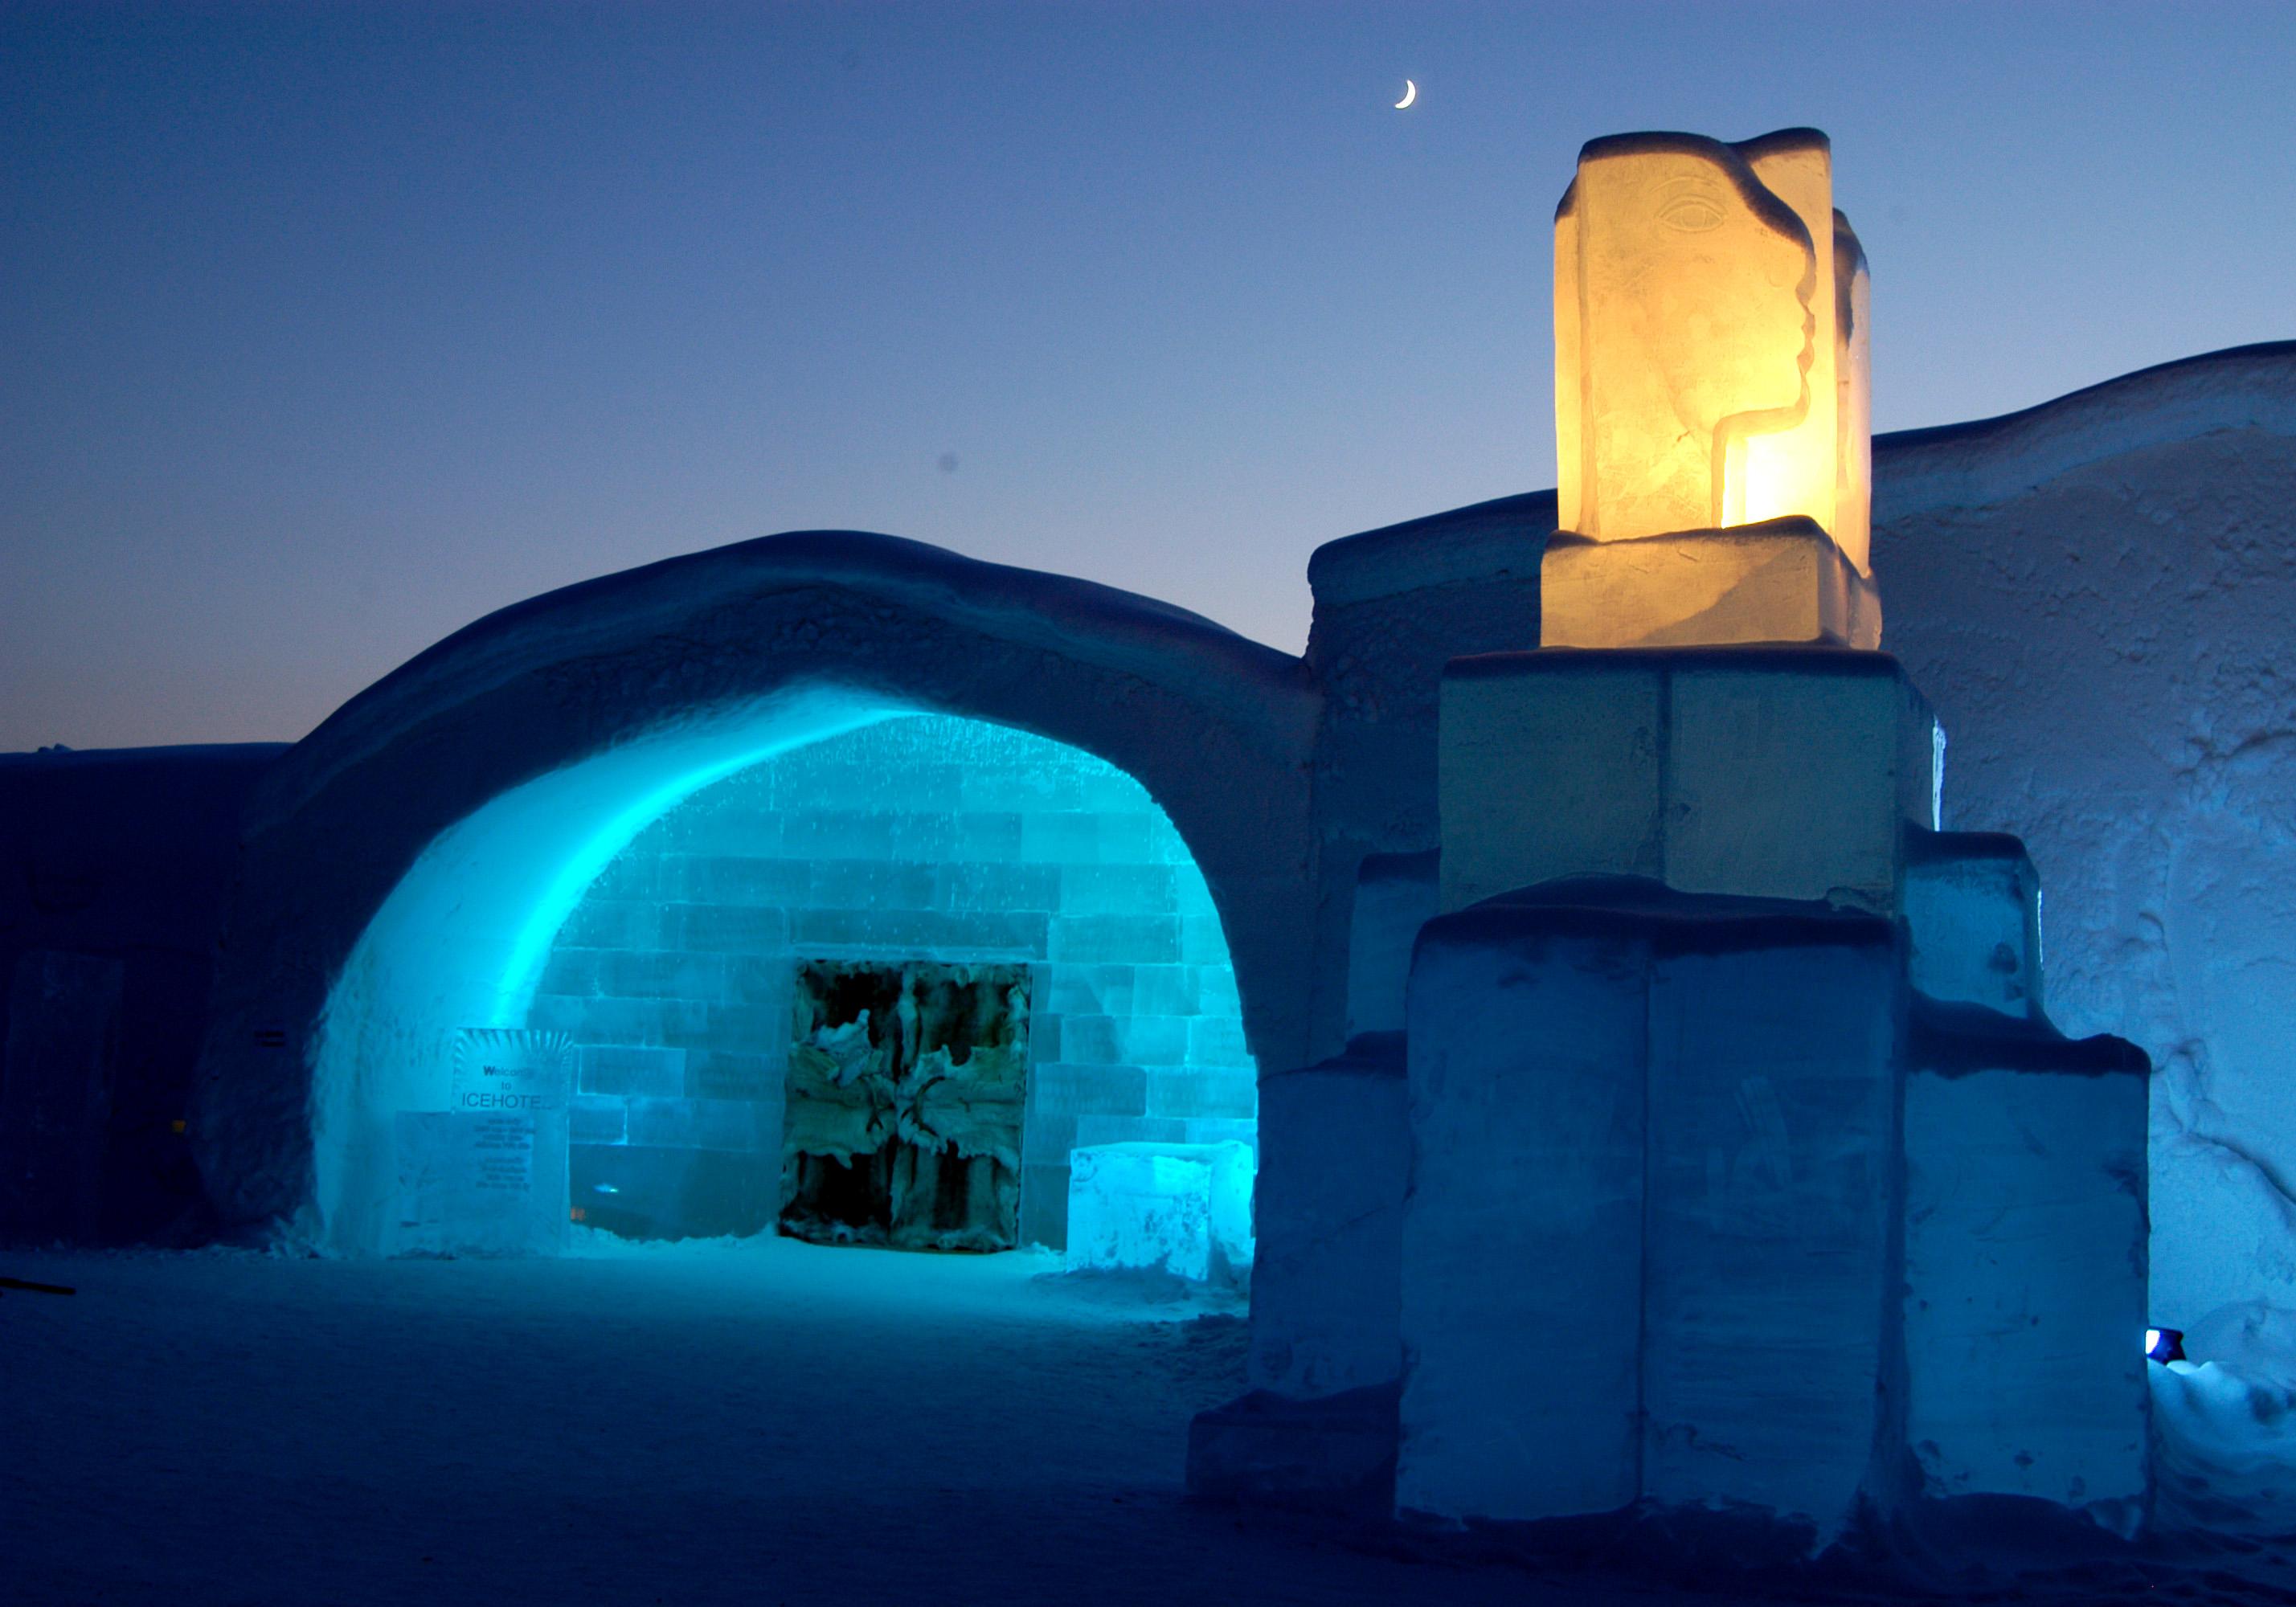 ледяной отель (Icehotel) в Швеции